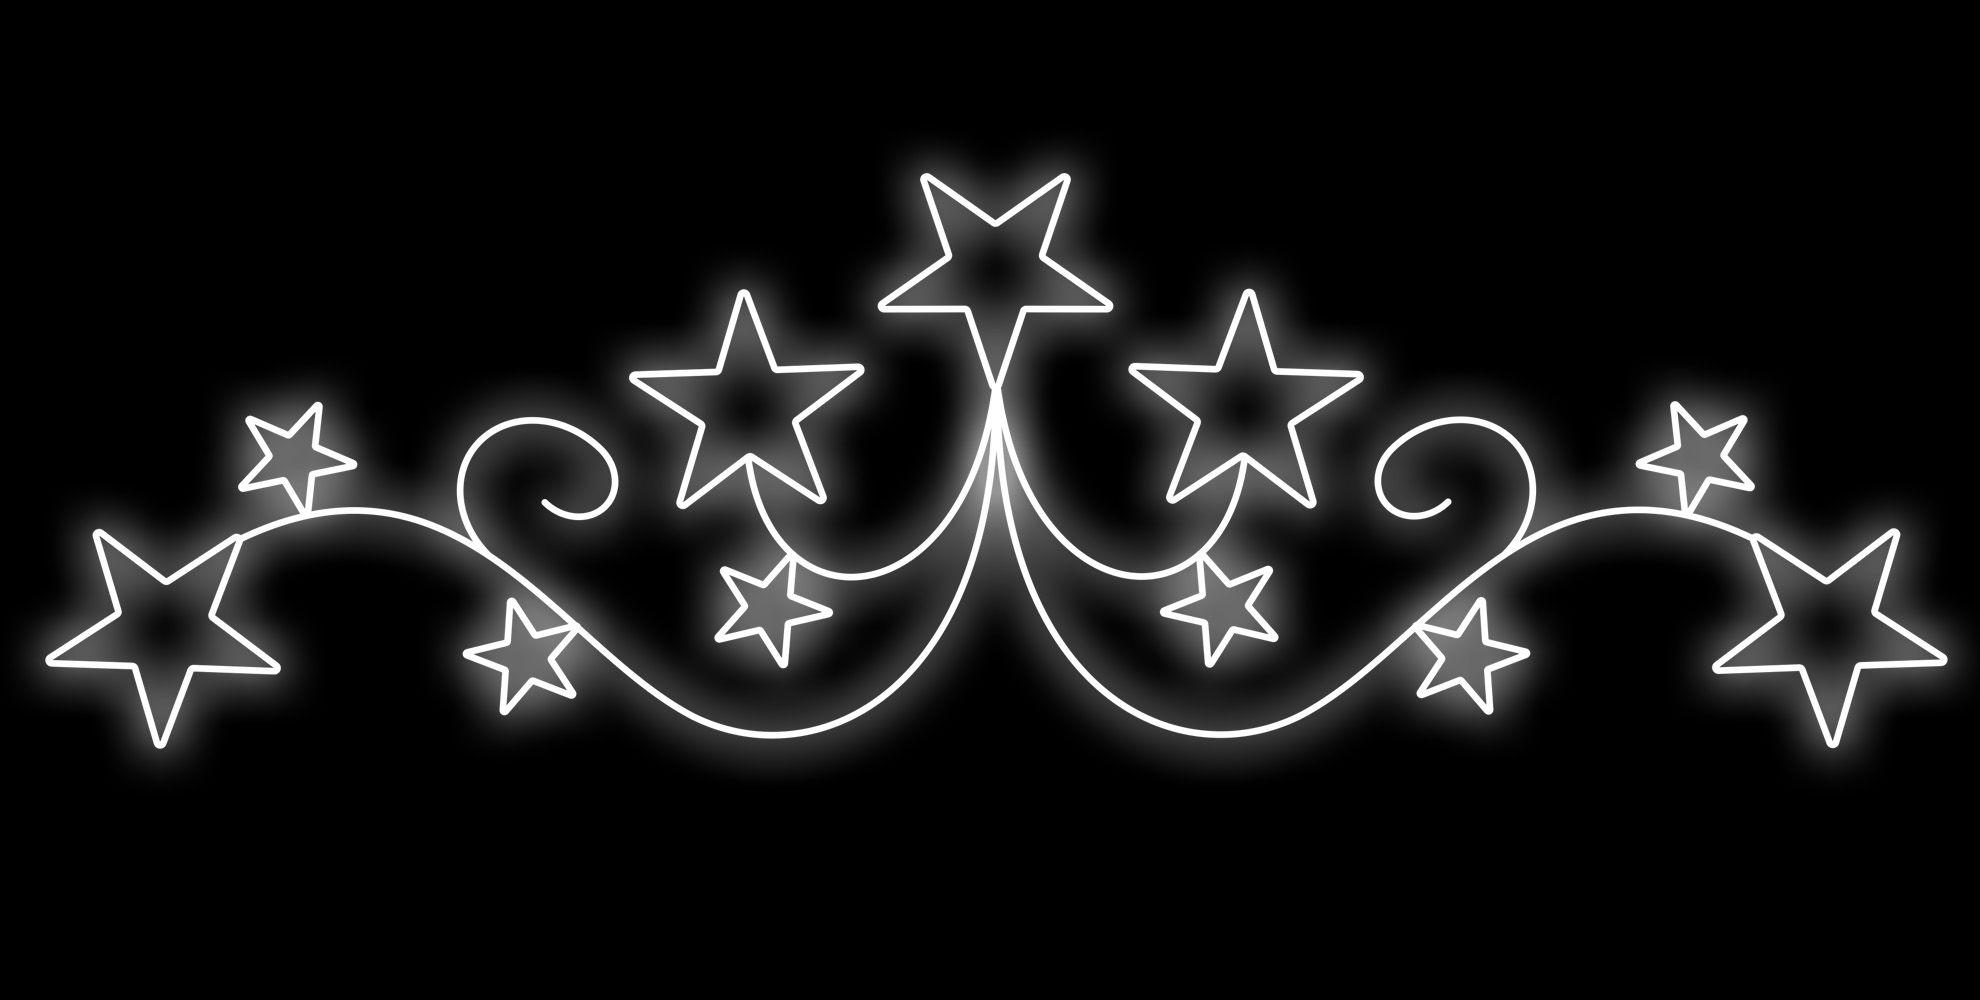 PO-052 - Painel Iluminado Led Portal Constelação e Estrelas - (Veja Opções Tamanhos)